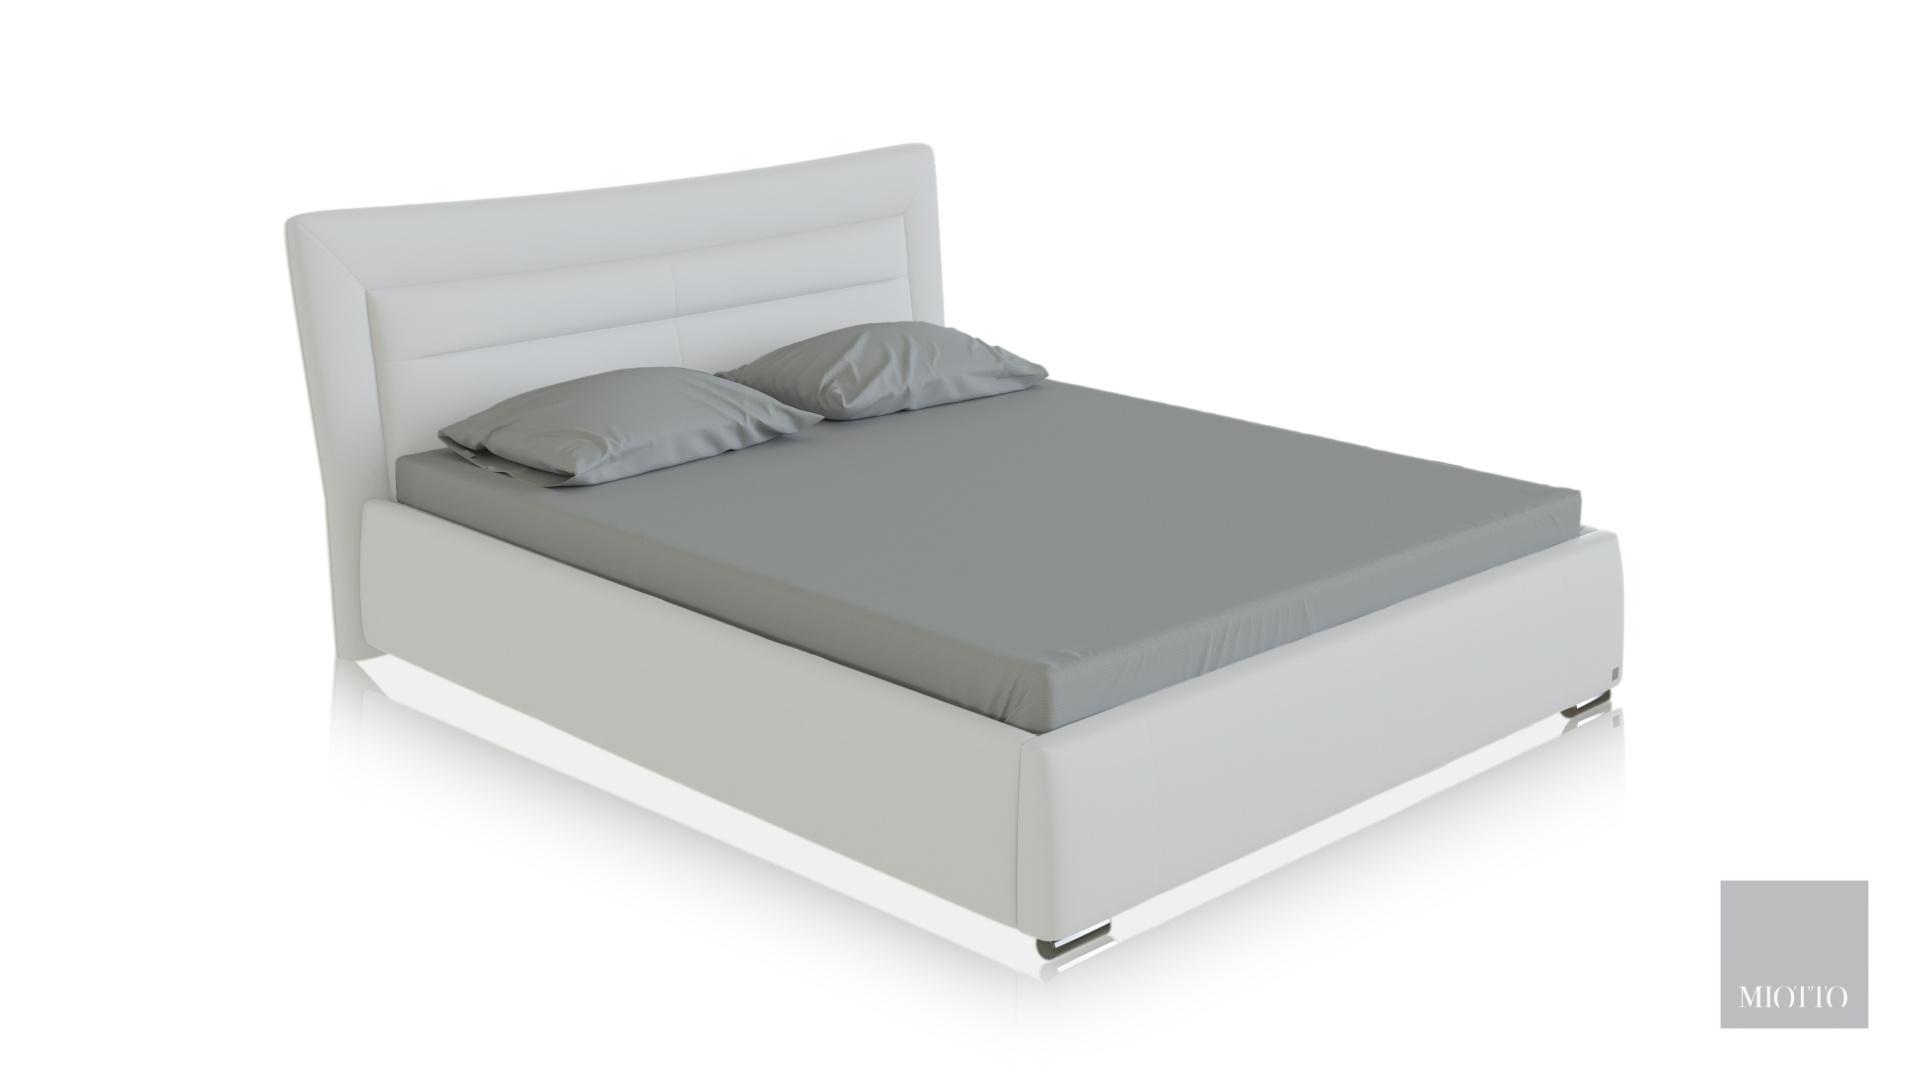 miotto_Aldini bed white miotto bedroom furniture t